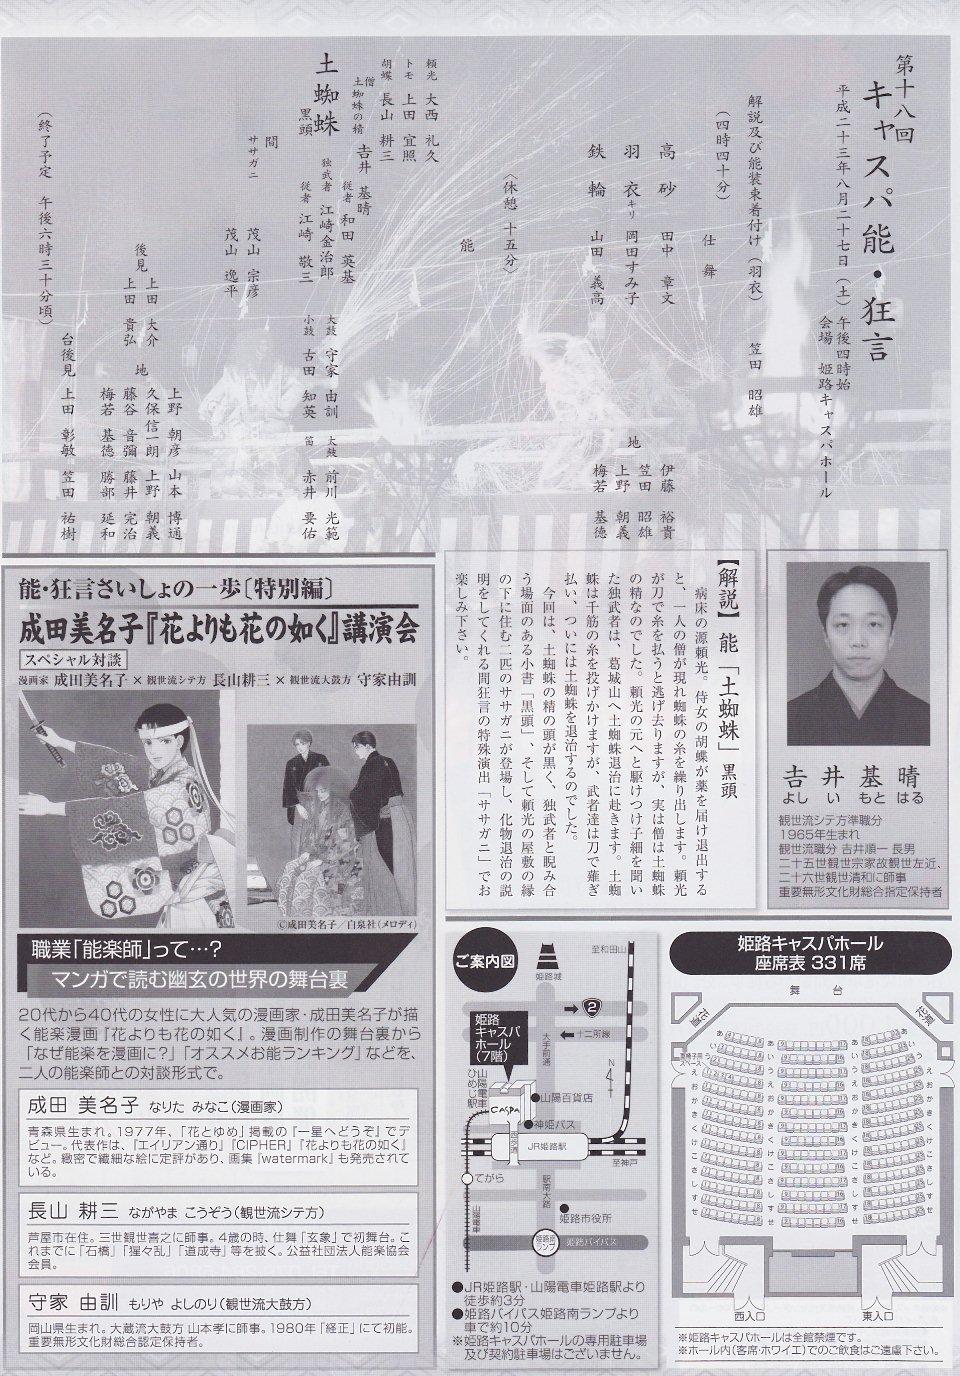 キャスパ能・狂言_e0227436_19491955.jpg